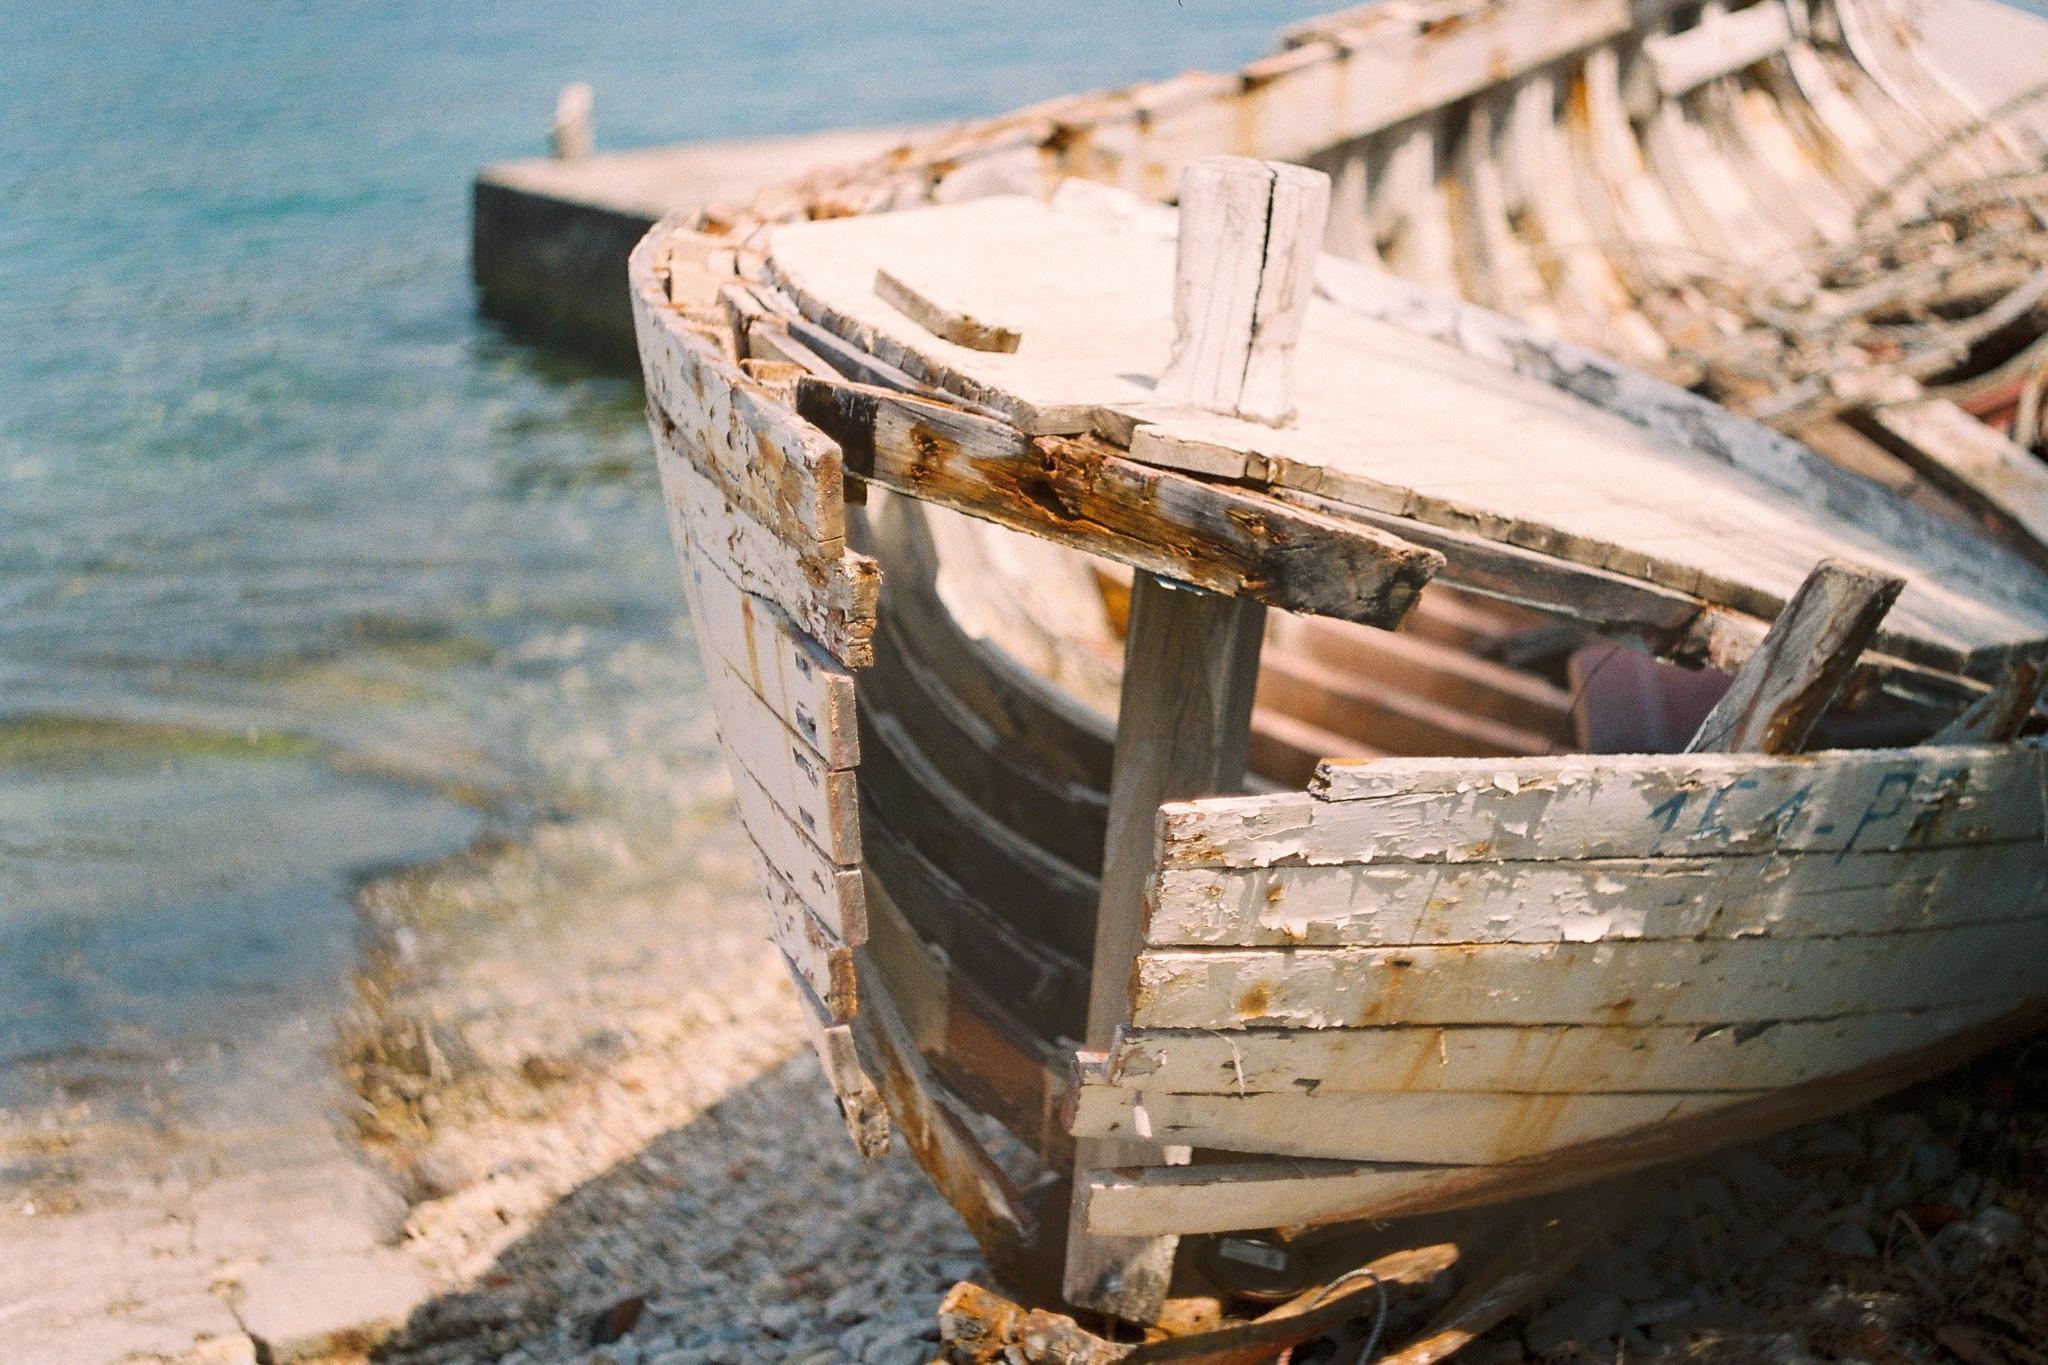 Wreck by matijajovanovic